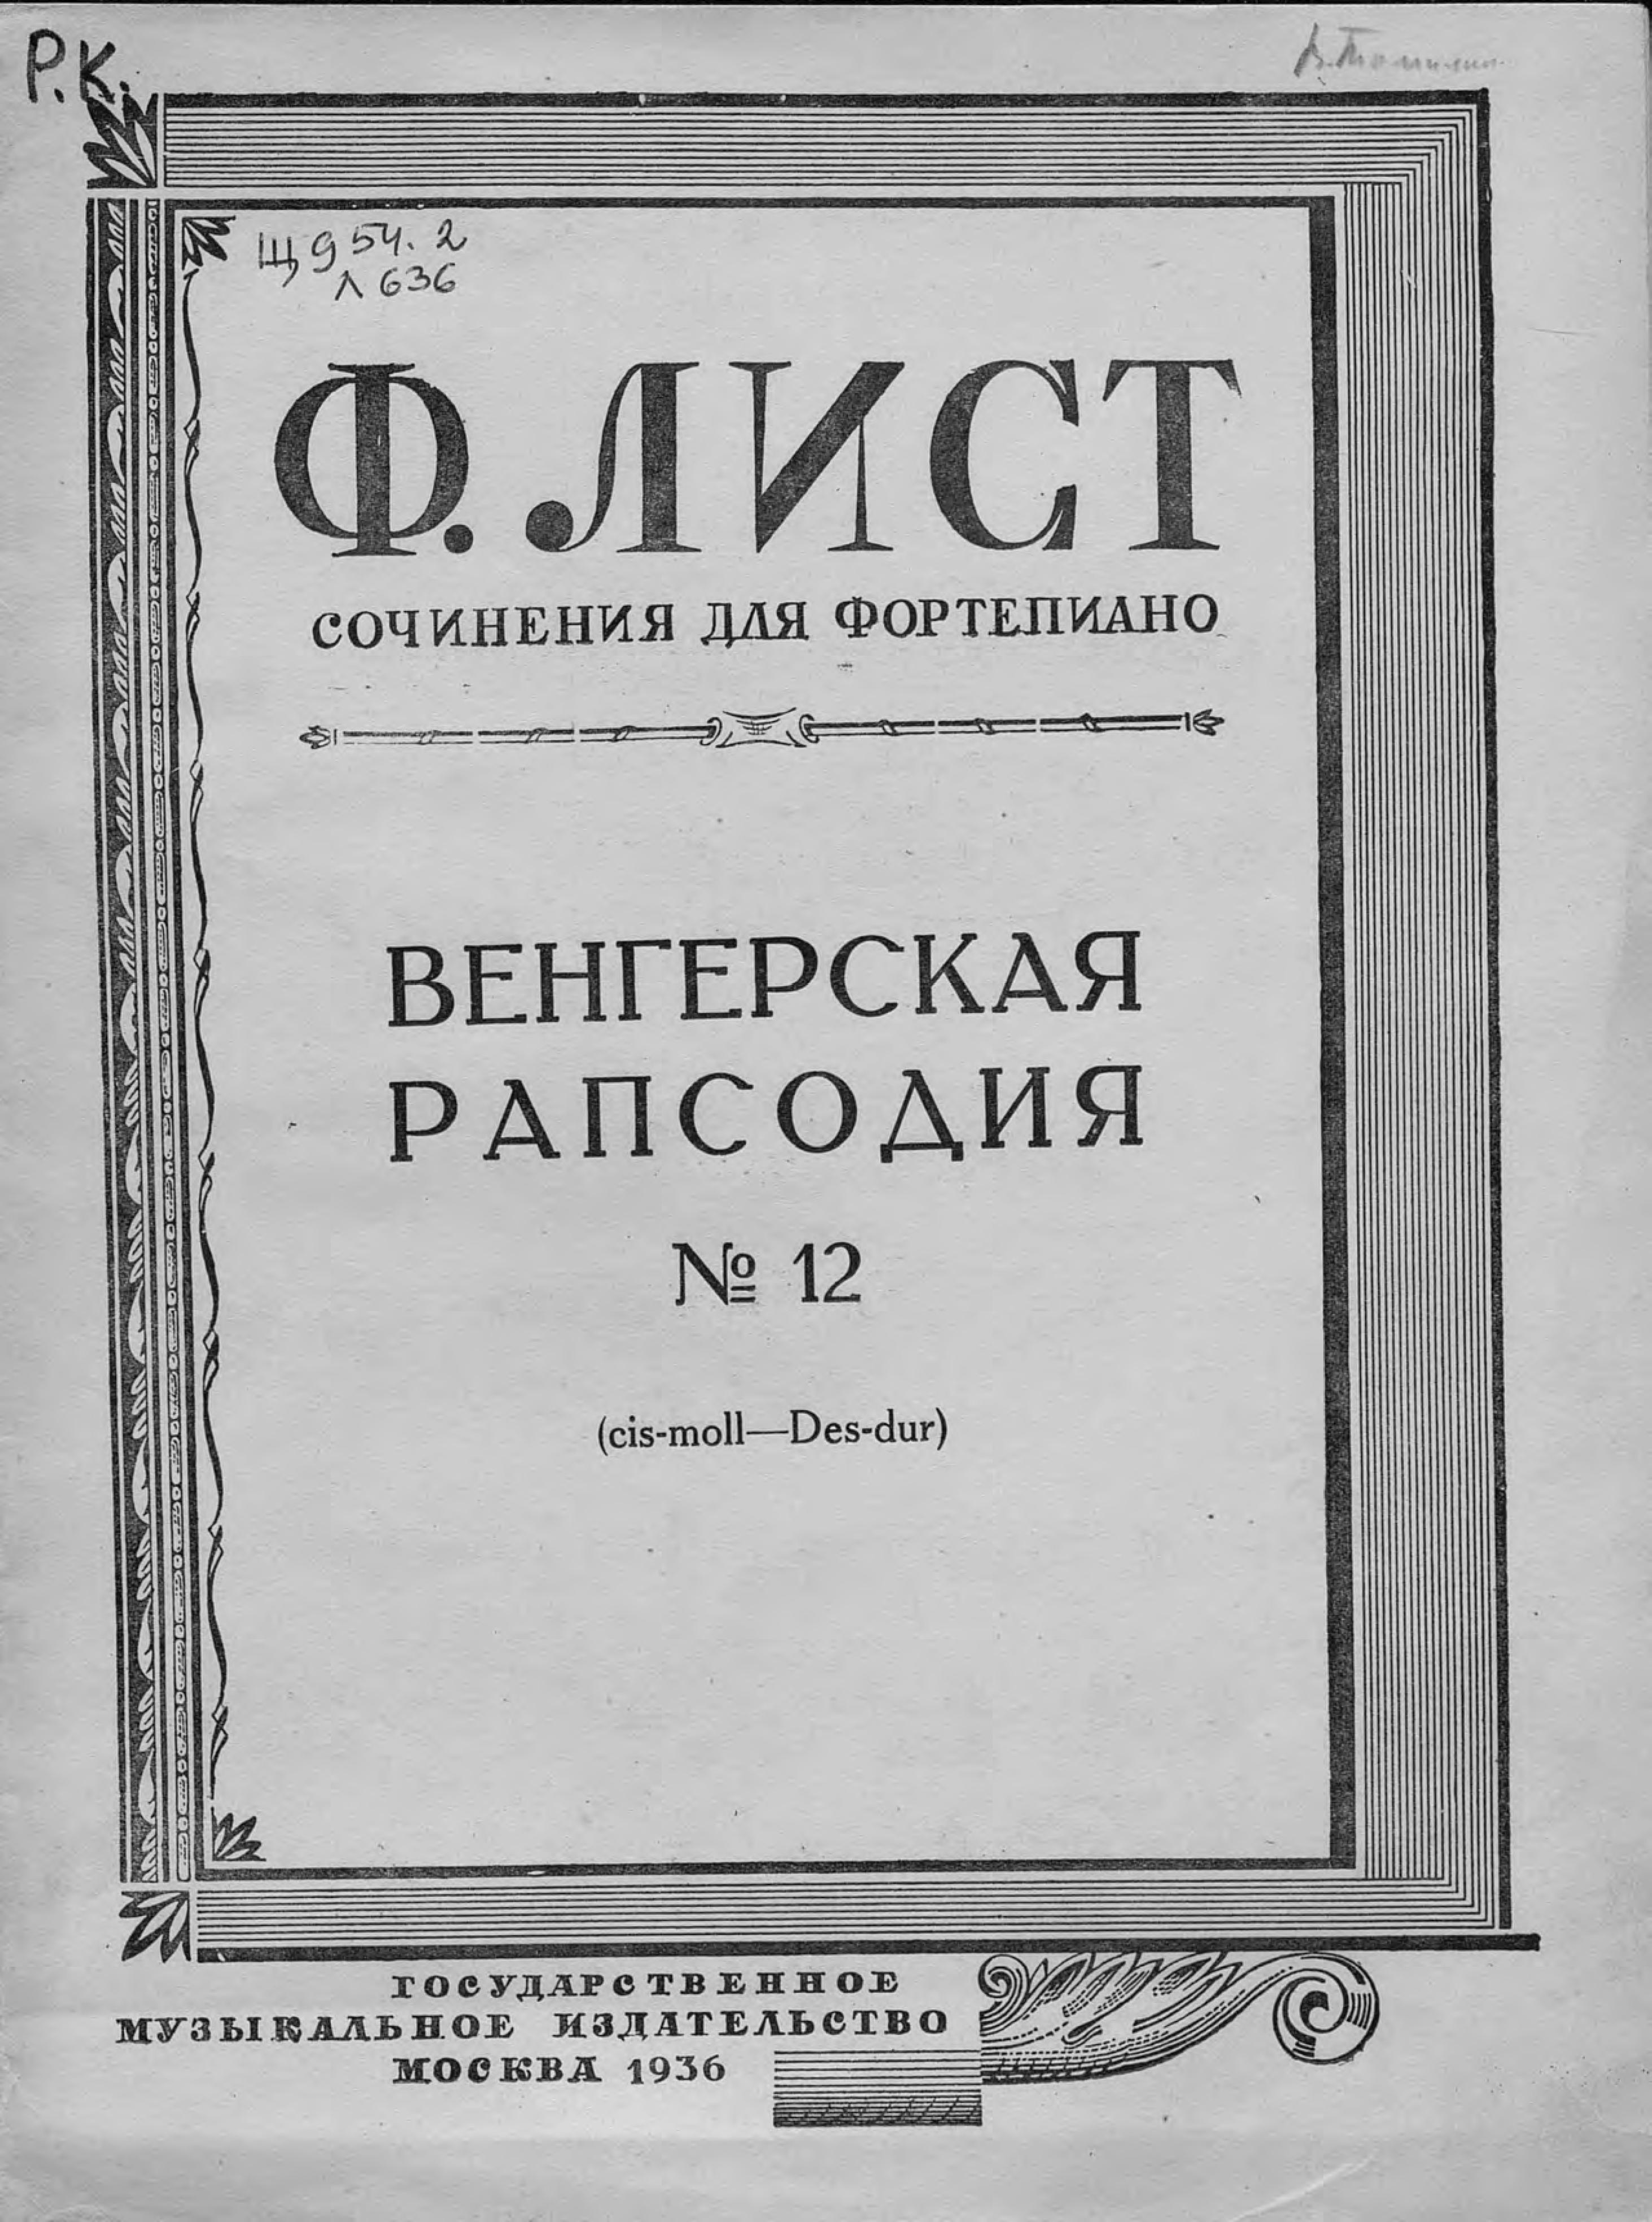 Ференц Лист Венгерская рапсодия № 12 (cis-moll-Des-dur) венгерская рапсодия клавир трио элегия 2019 10 09t19 00